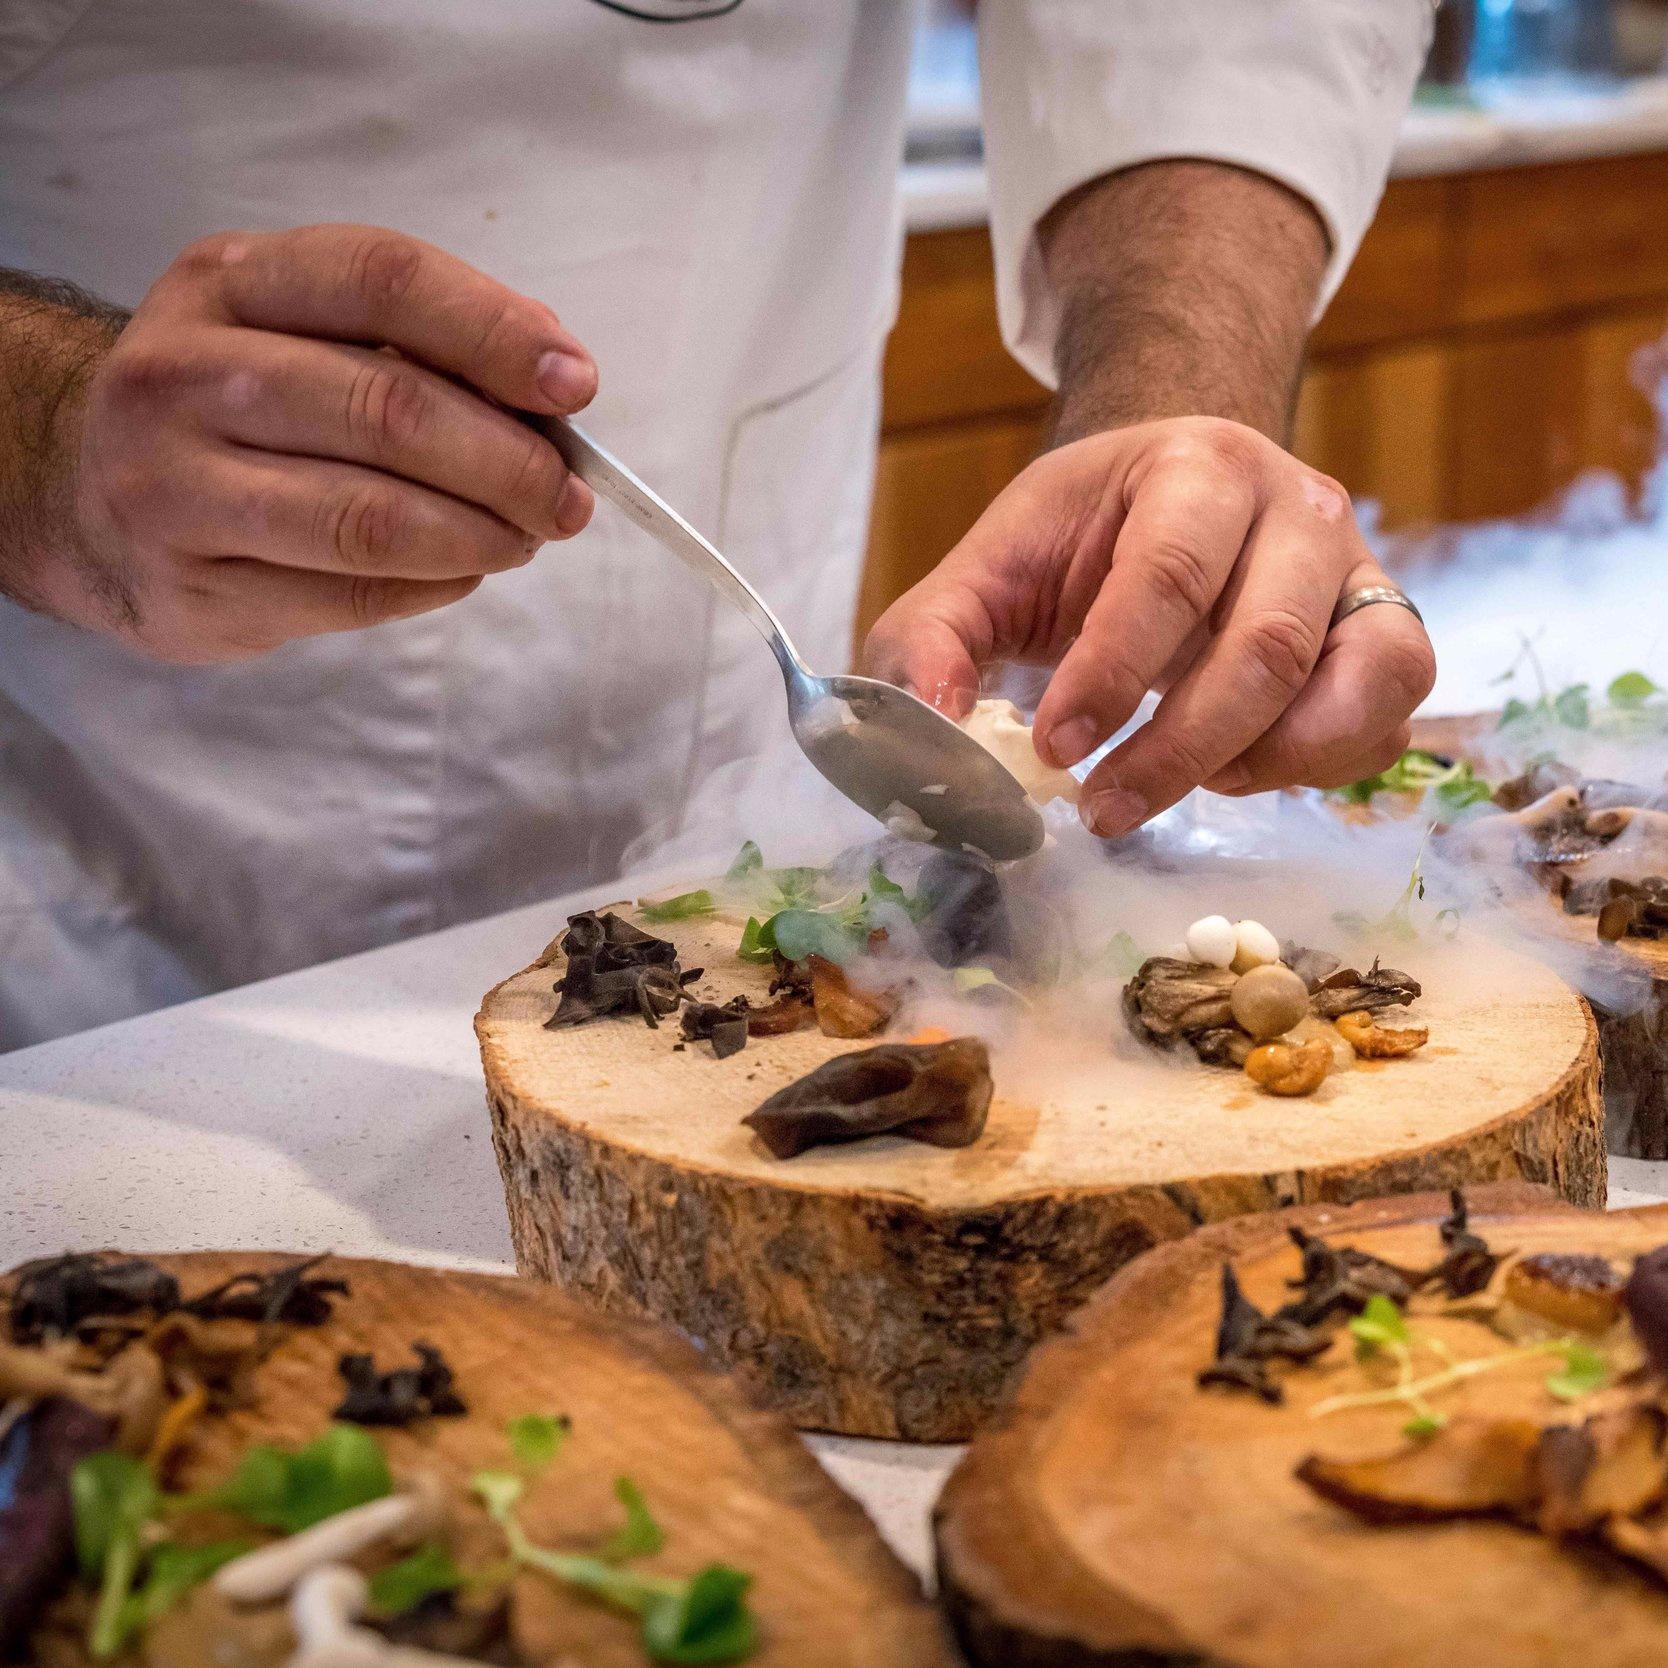 Prøv vores yderst populære og velsmagende kokkeskole, og få gode råd og tips af professionelle kokke. Vi sørger for en sjov og velsmagende teambuilding oplevelse med mad, hvor I sammen skal tilberede, anrette og spise en lækker 3 retters menu. Dyst mod hinanden eller samarbejder som gruppe i jeres egen kogeskole. -